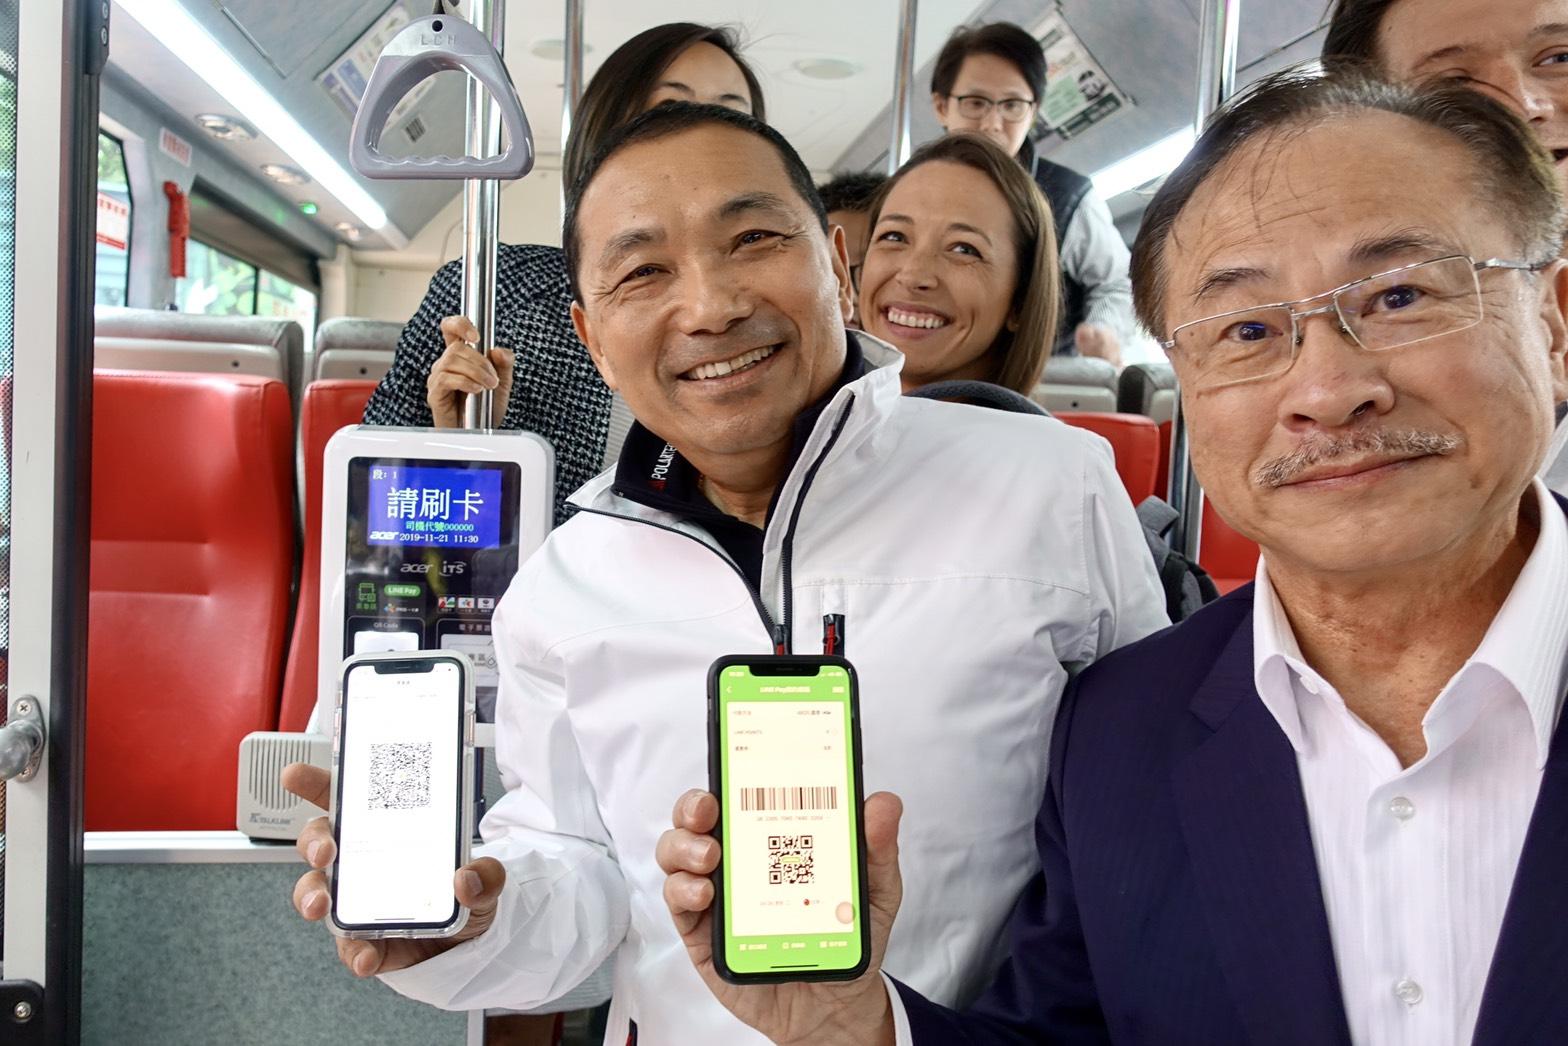 臺北客運觀光路線率先啟用LINE Pay掃碼搭車功能